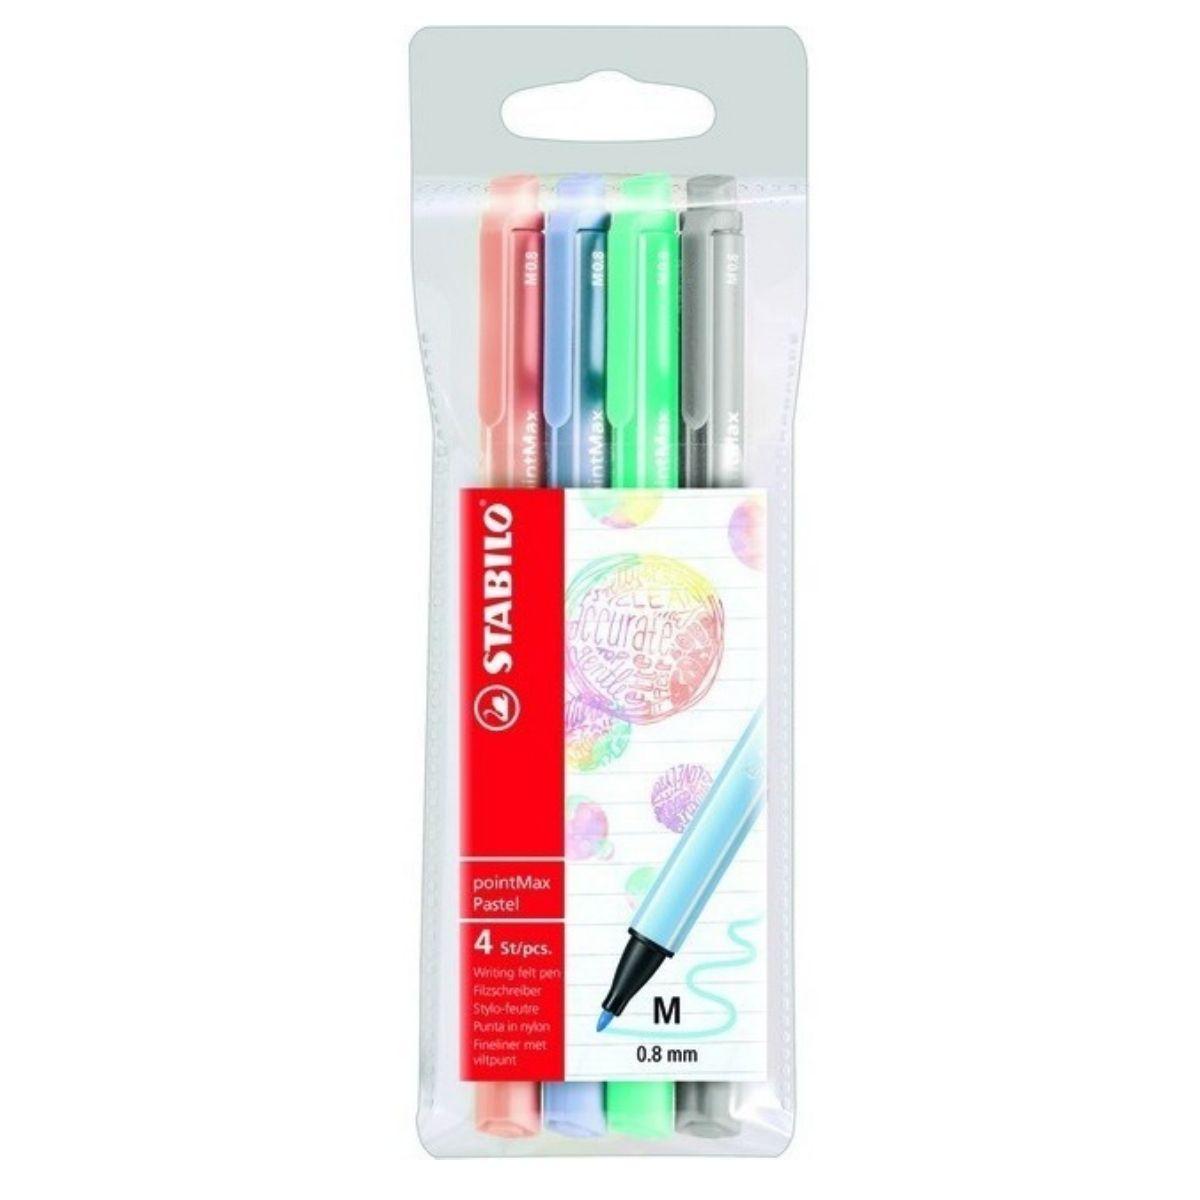 Estojo Stabilo Pointmax Pastel - 4 cores